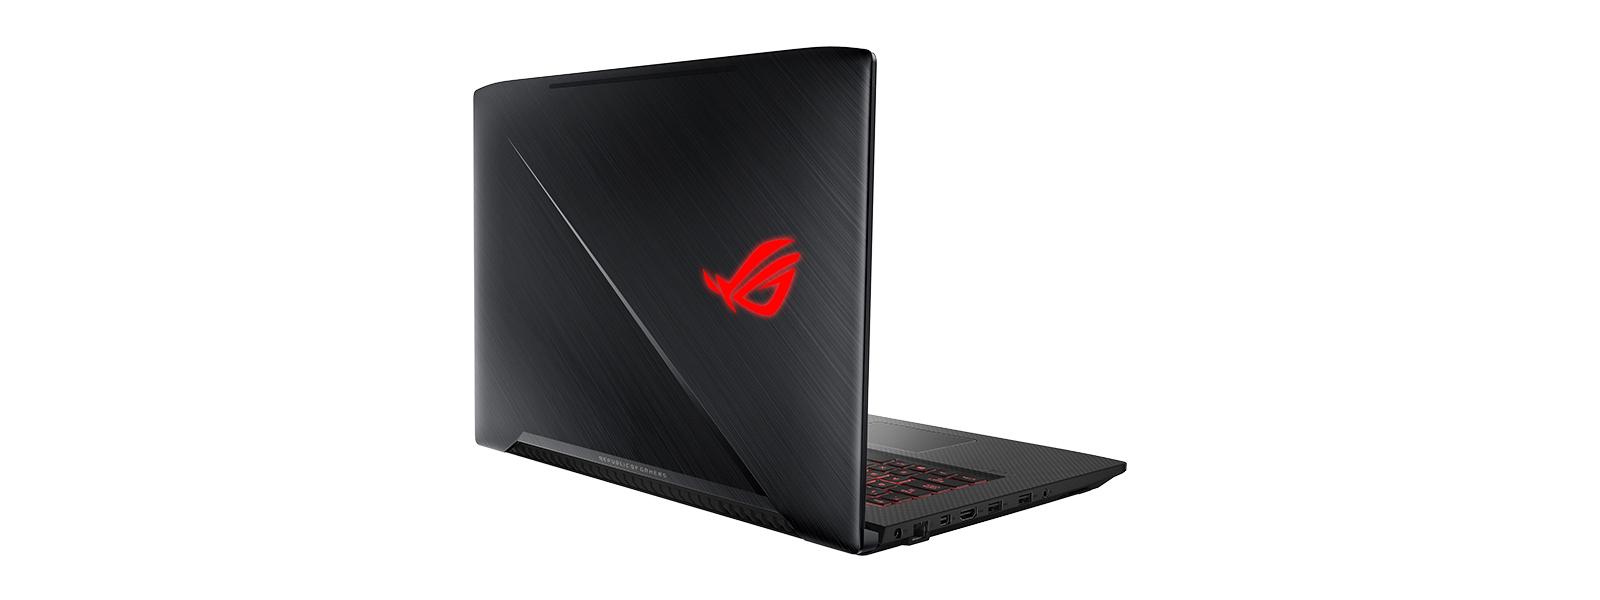 ASUS ROG Strix GL703VM Scar Edition 17 Laptop